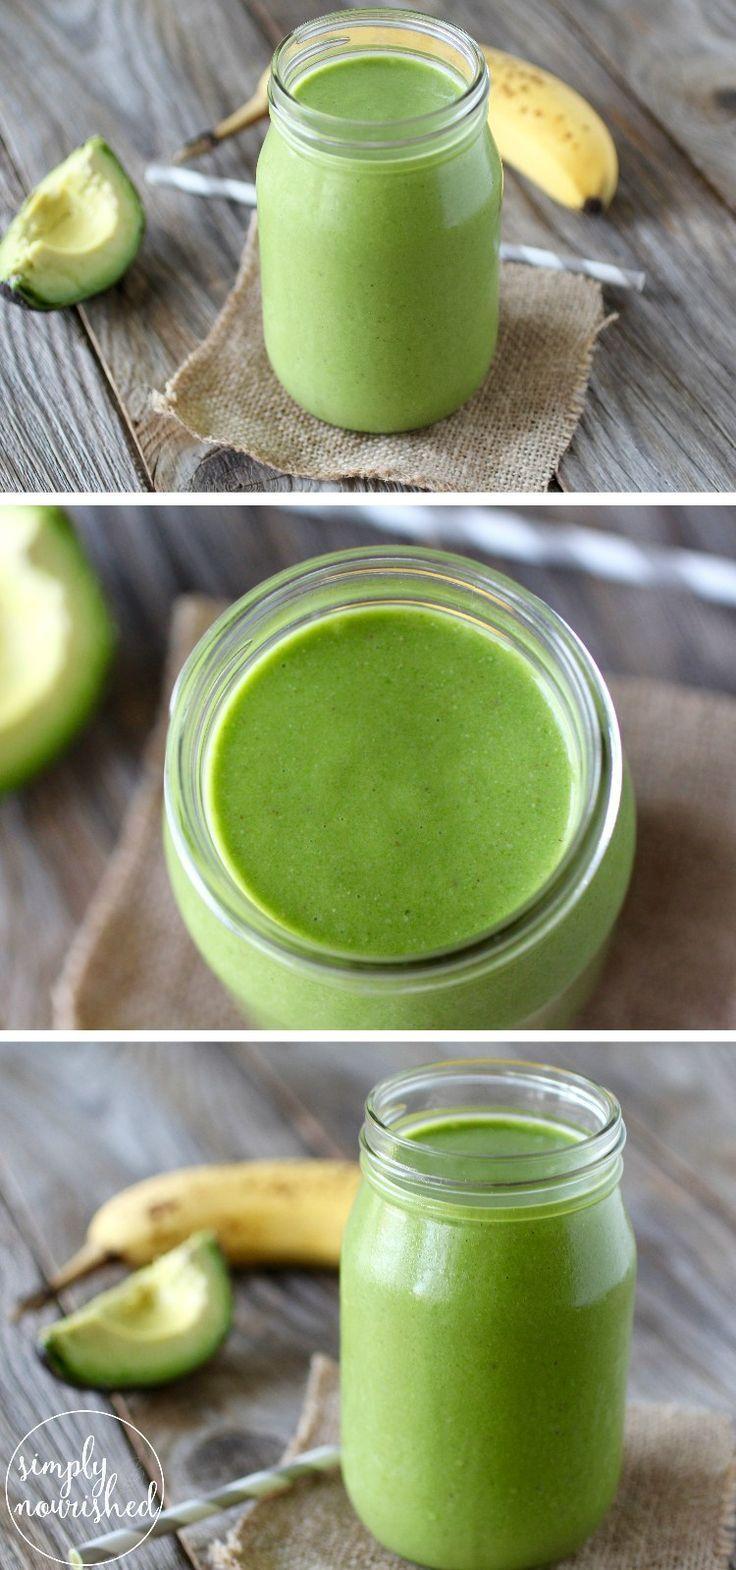 und lecker. Dieses Rezept ist eine perfekte Einführung in grüne Smoothies. | ...   - wake up call -